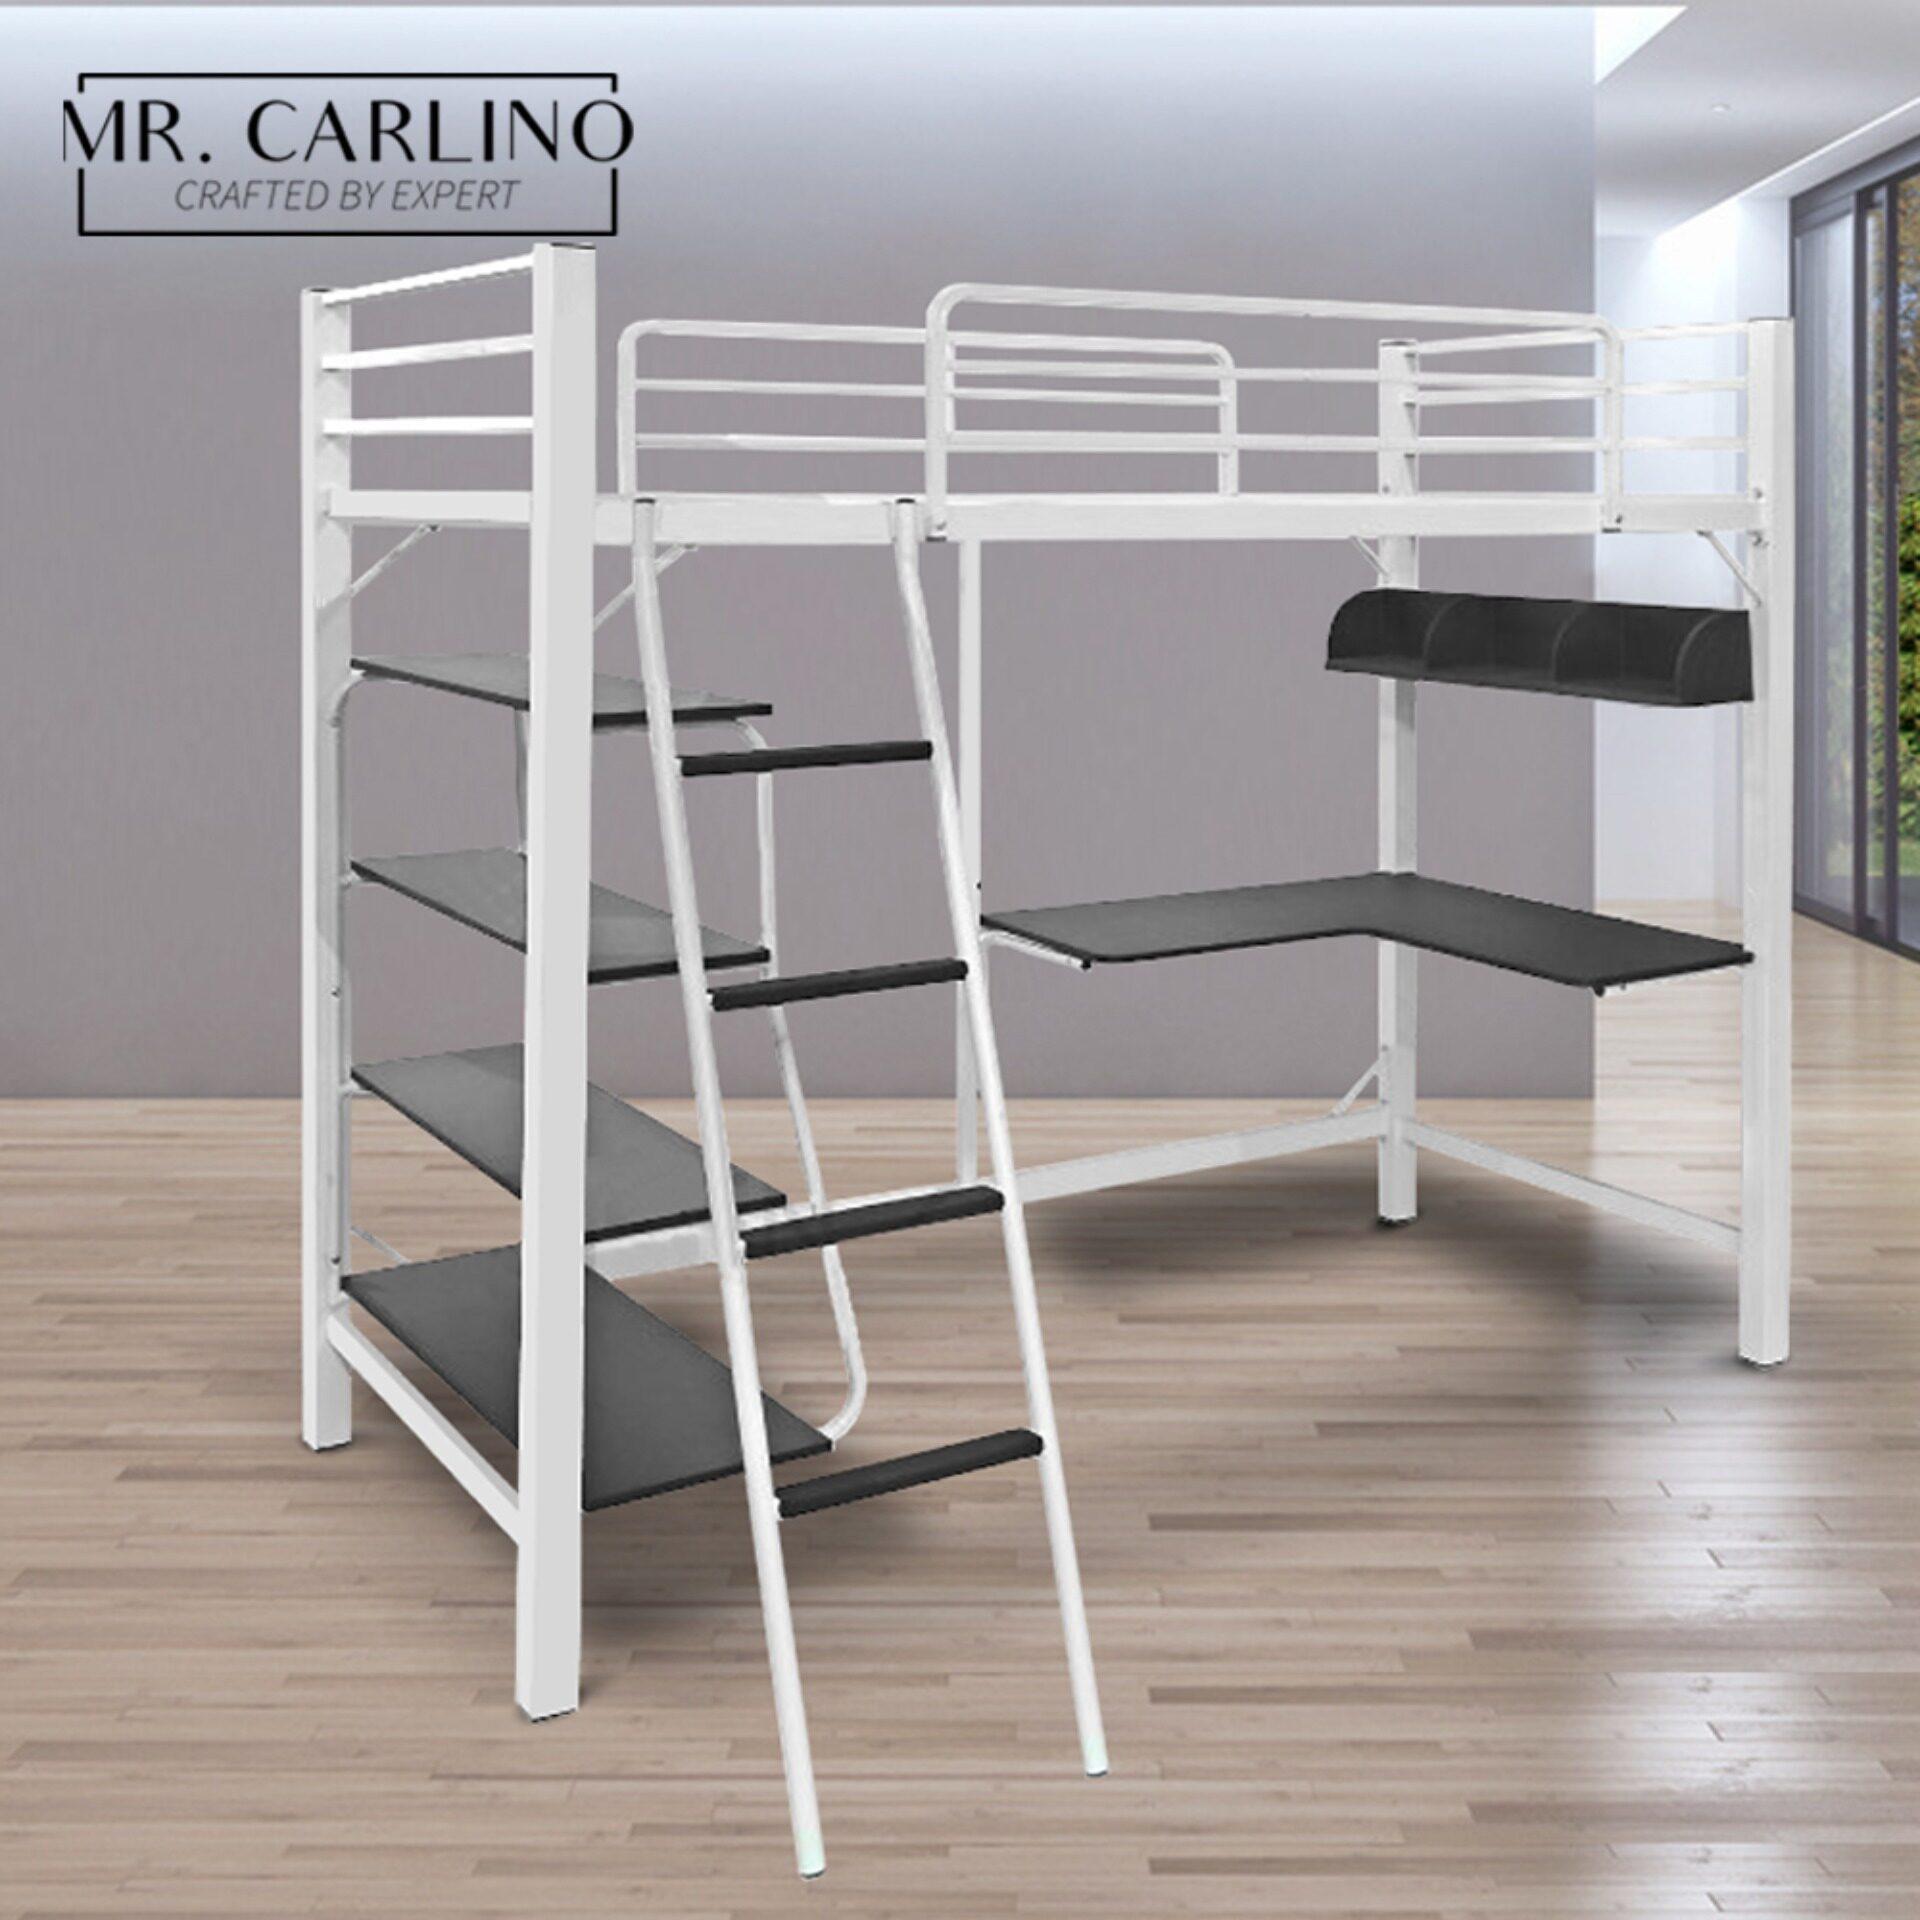 Mr.carlino : เตียง โครงเตียง ชั้นลอย มีชั้น2 เตียง โต๊ะ ชั้นวางของ คุณภาพดี (aloha Metal Loft Bed Frame) เตียงนอน.